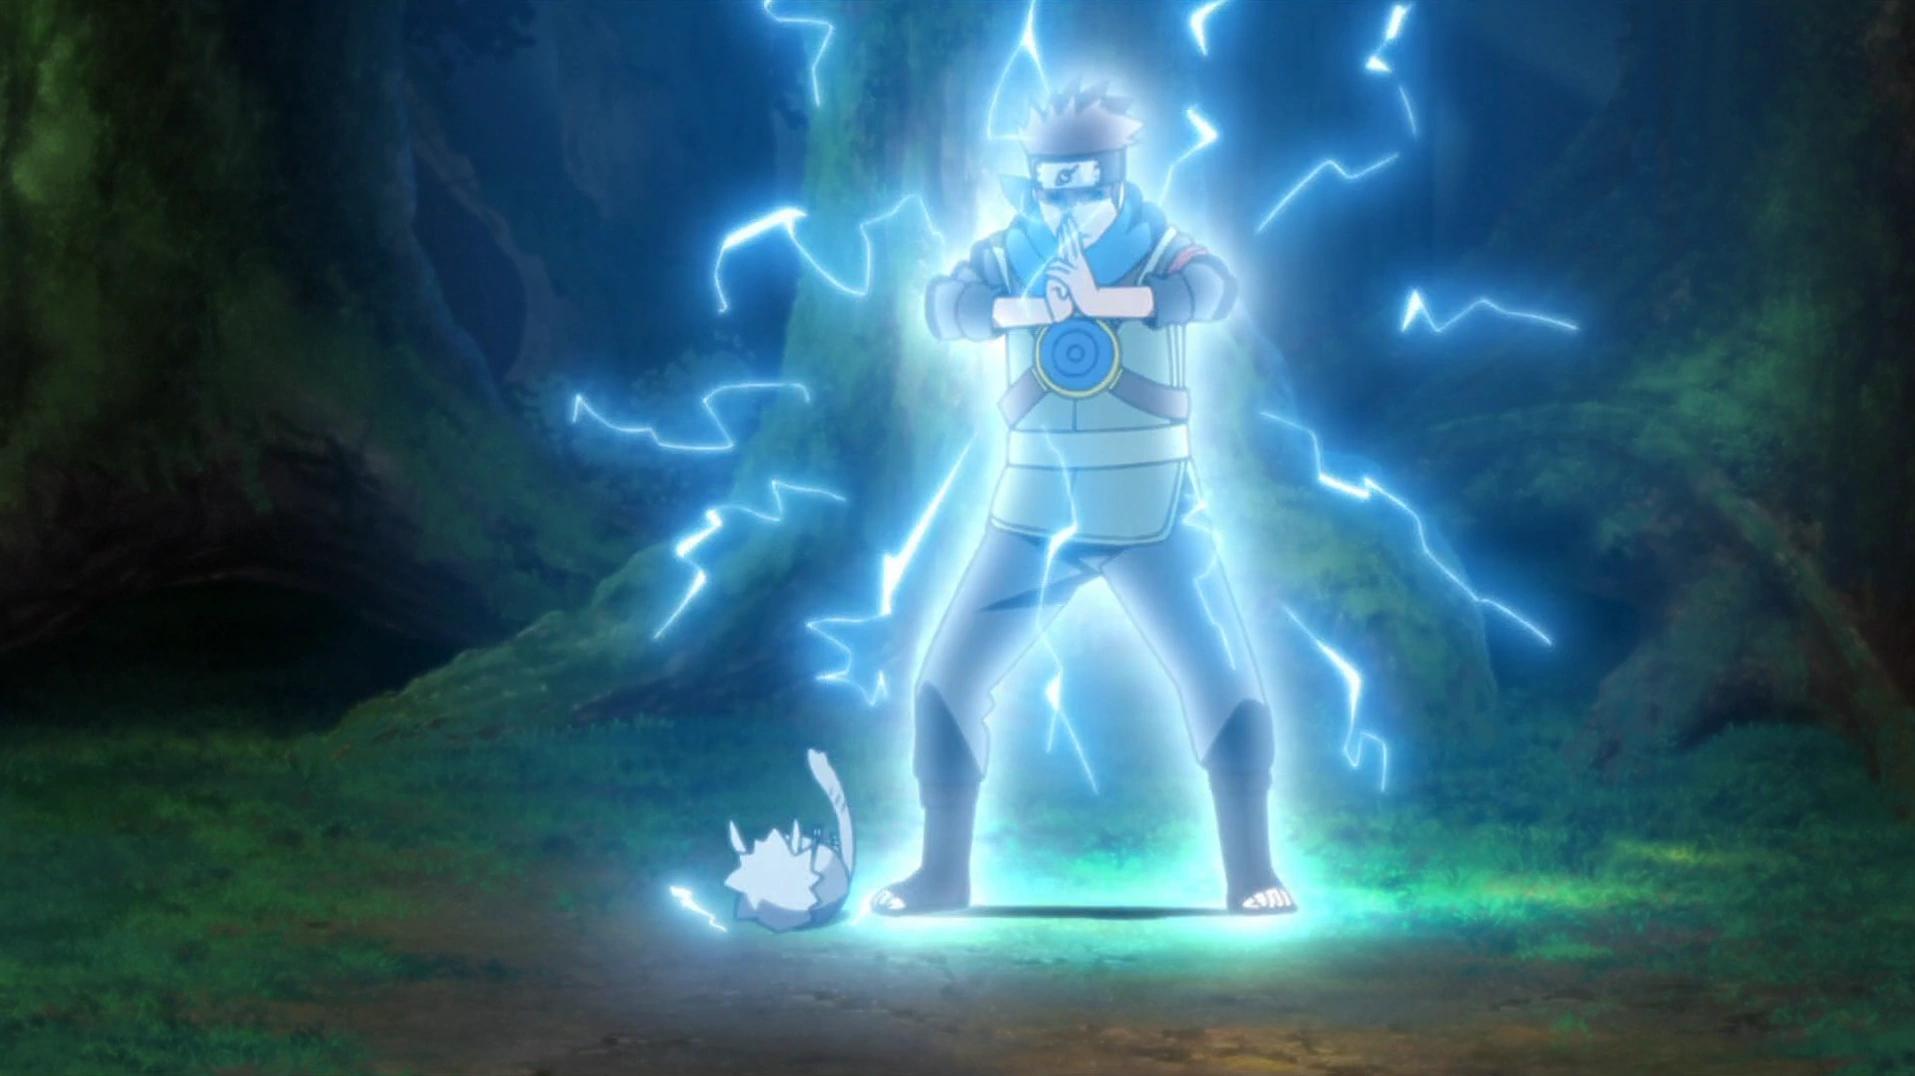 Elemento Rayo: Descarga Eléctrica